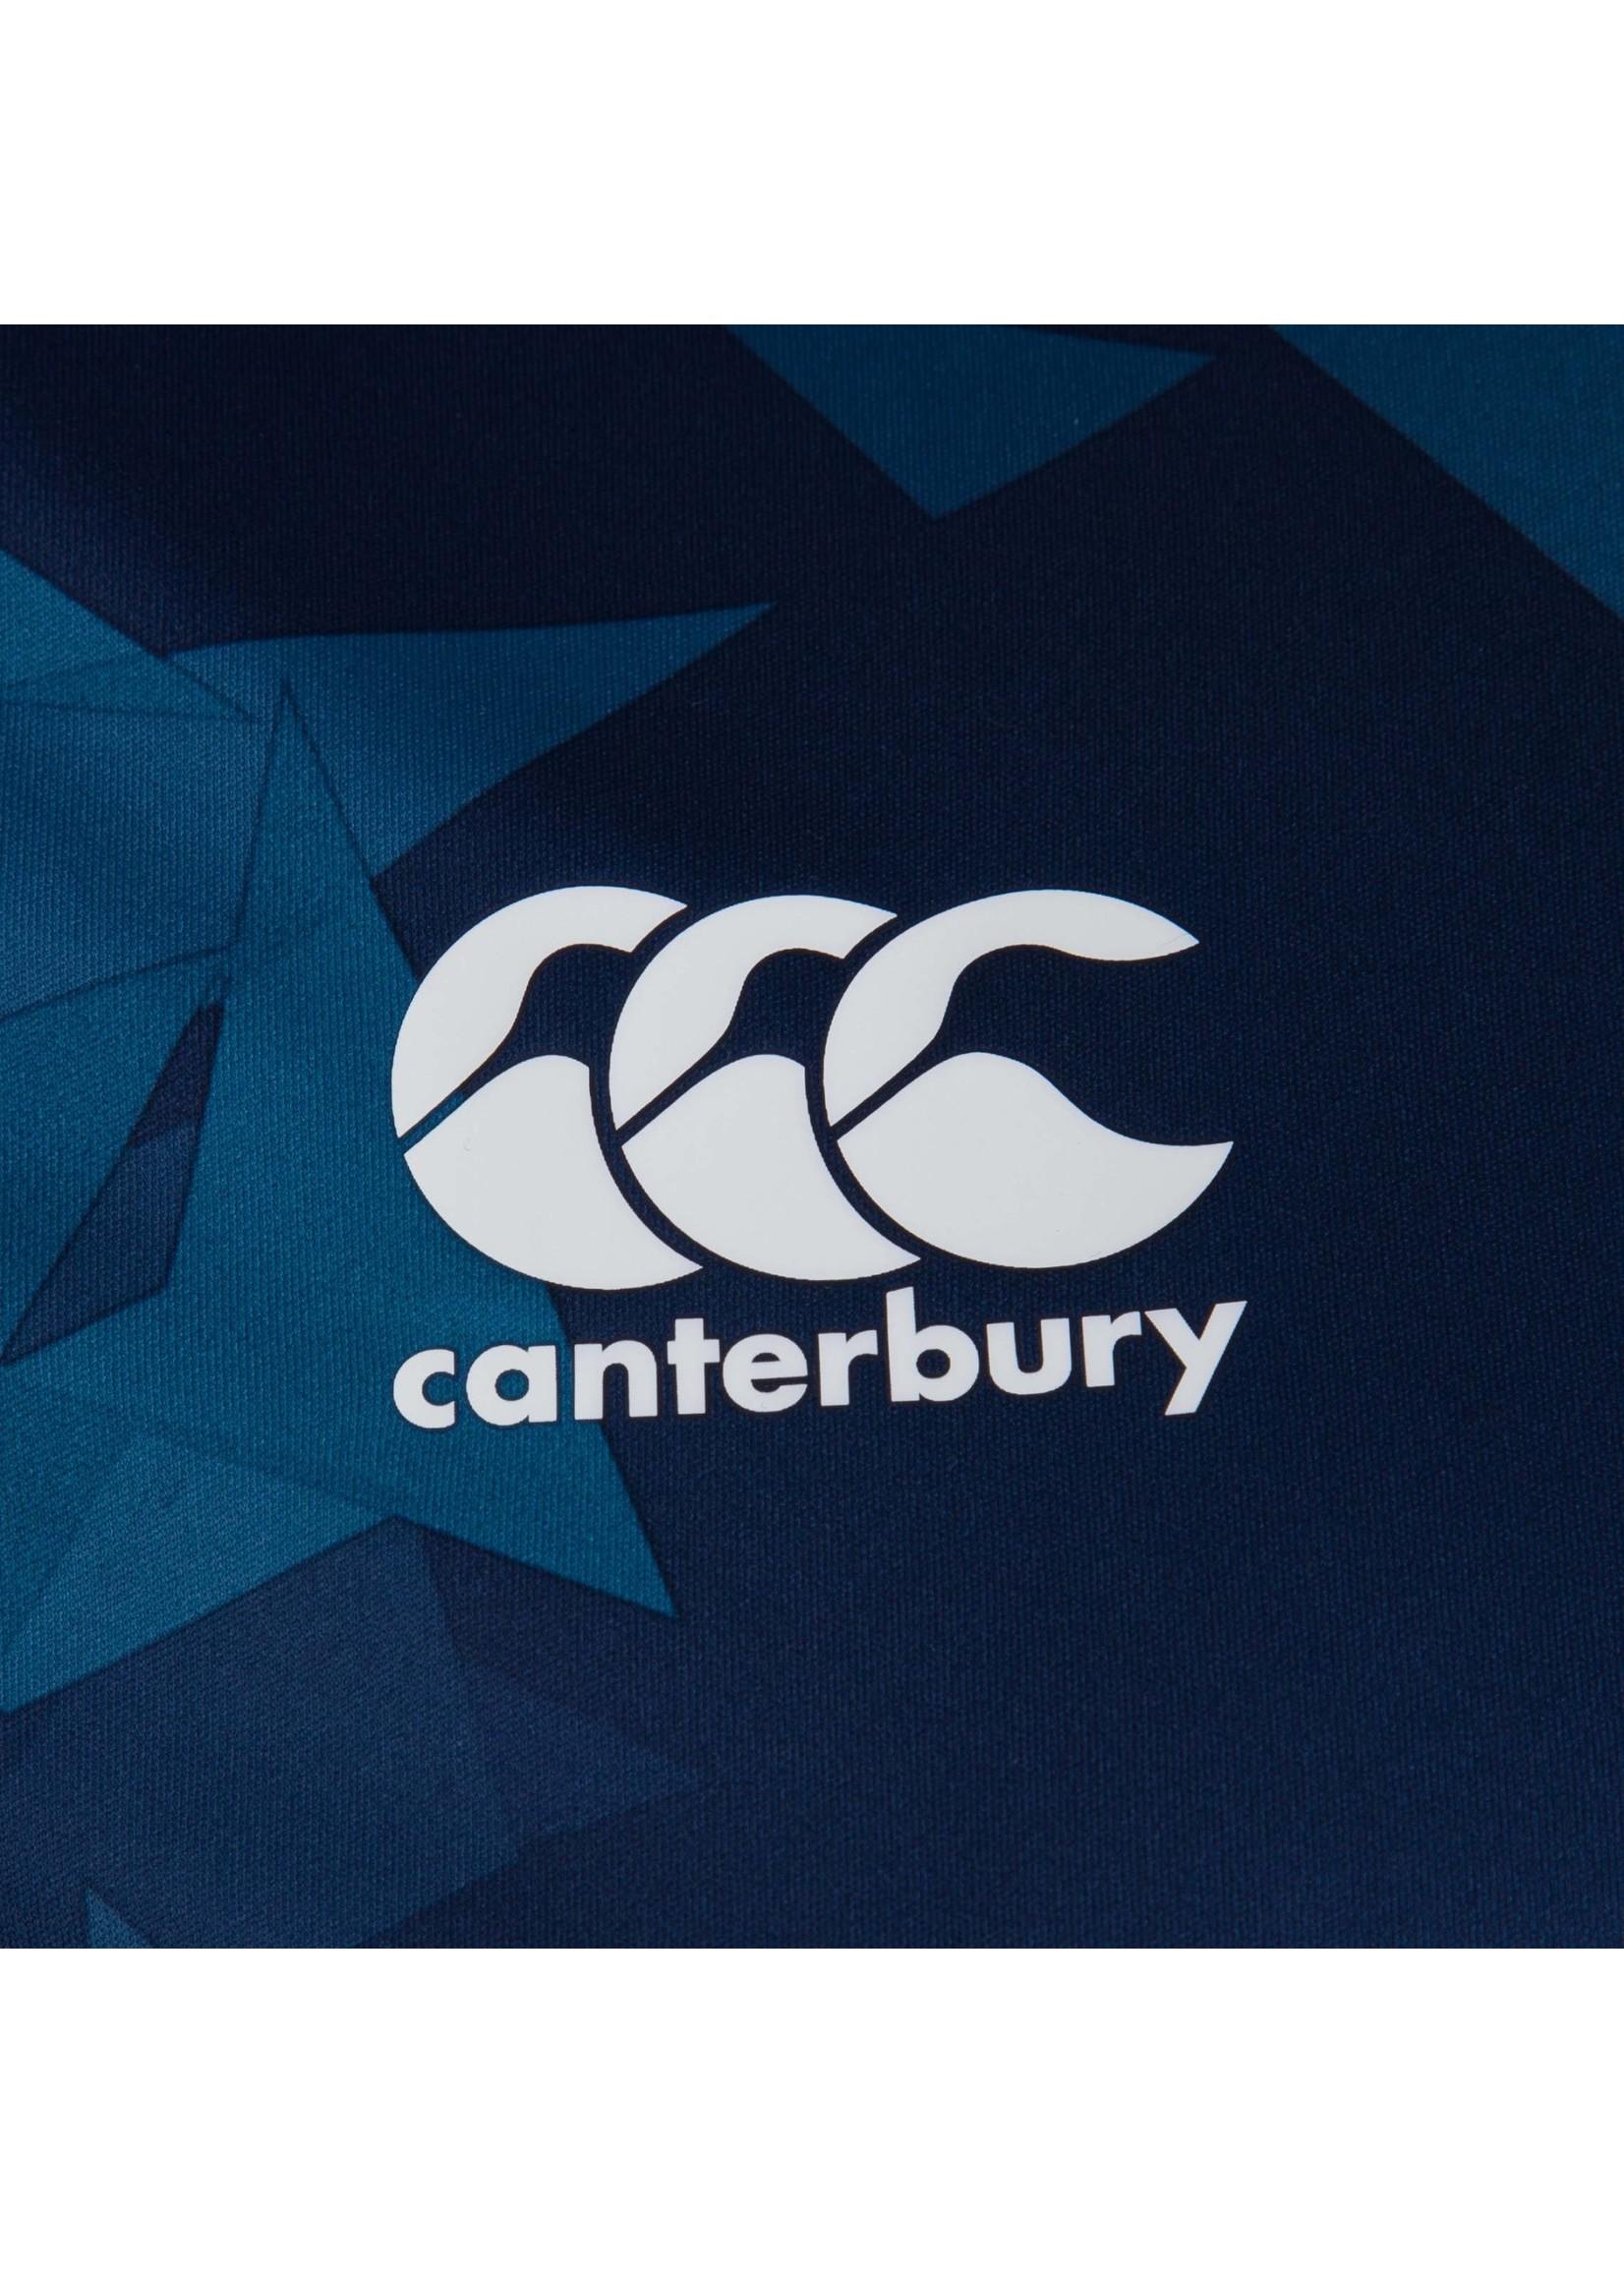 Canterbury British & Irish Lions - Mens S.Light Graphic Tee  (2021) - Blue